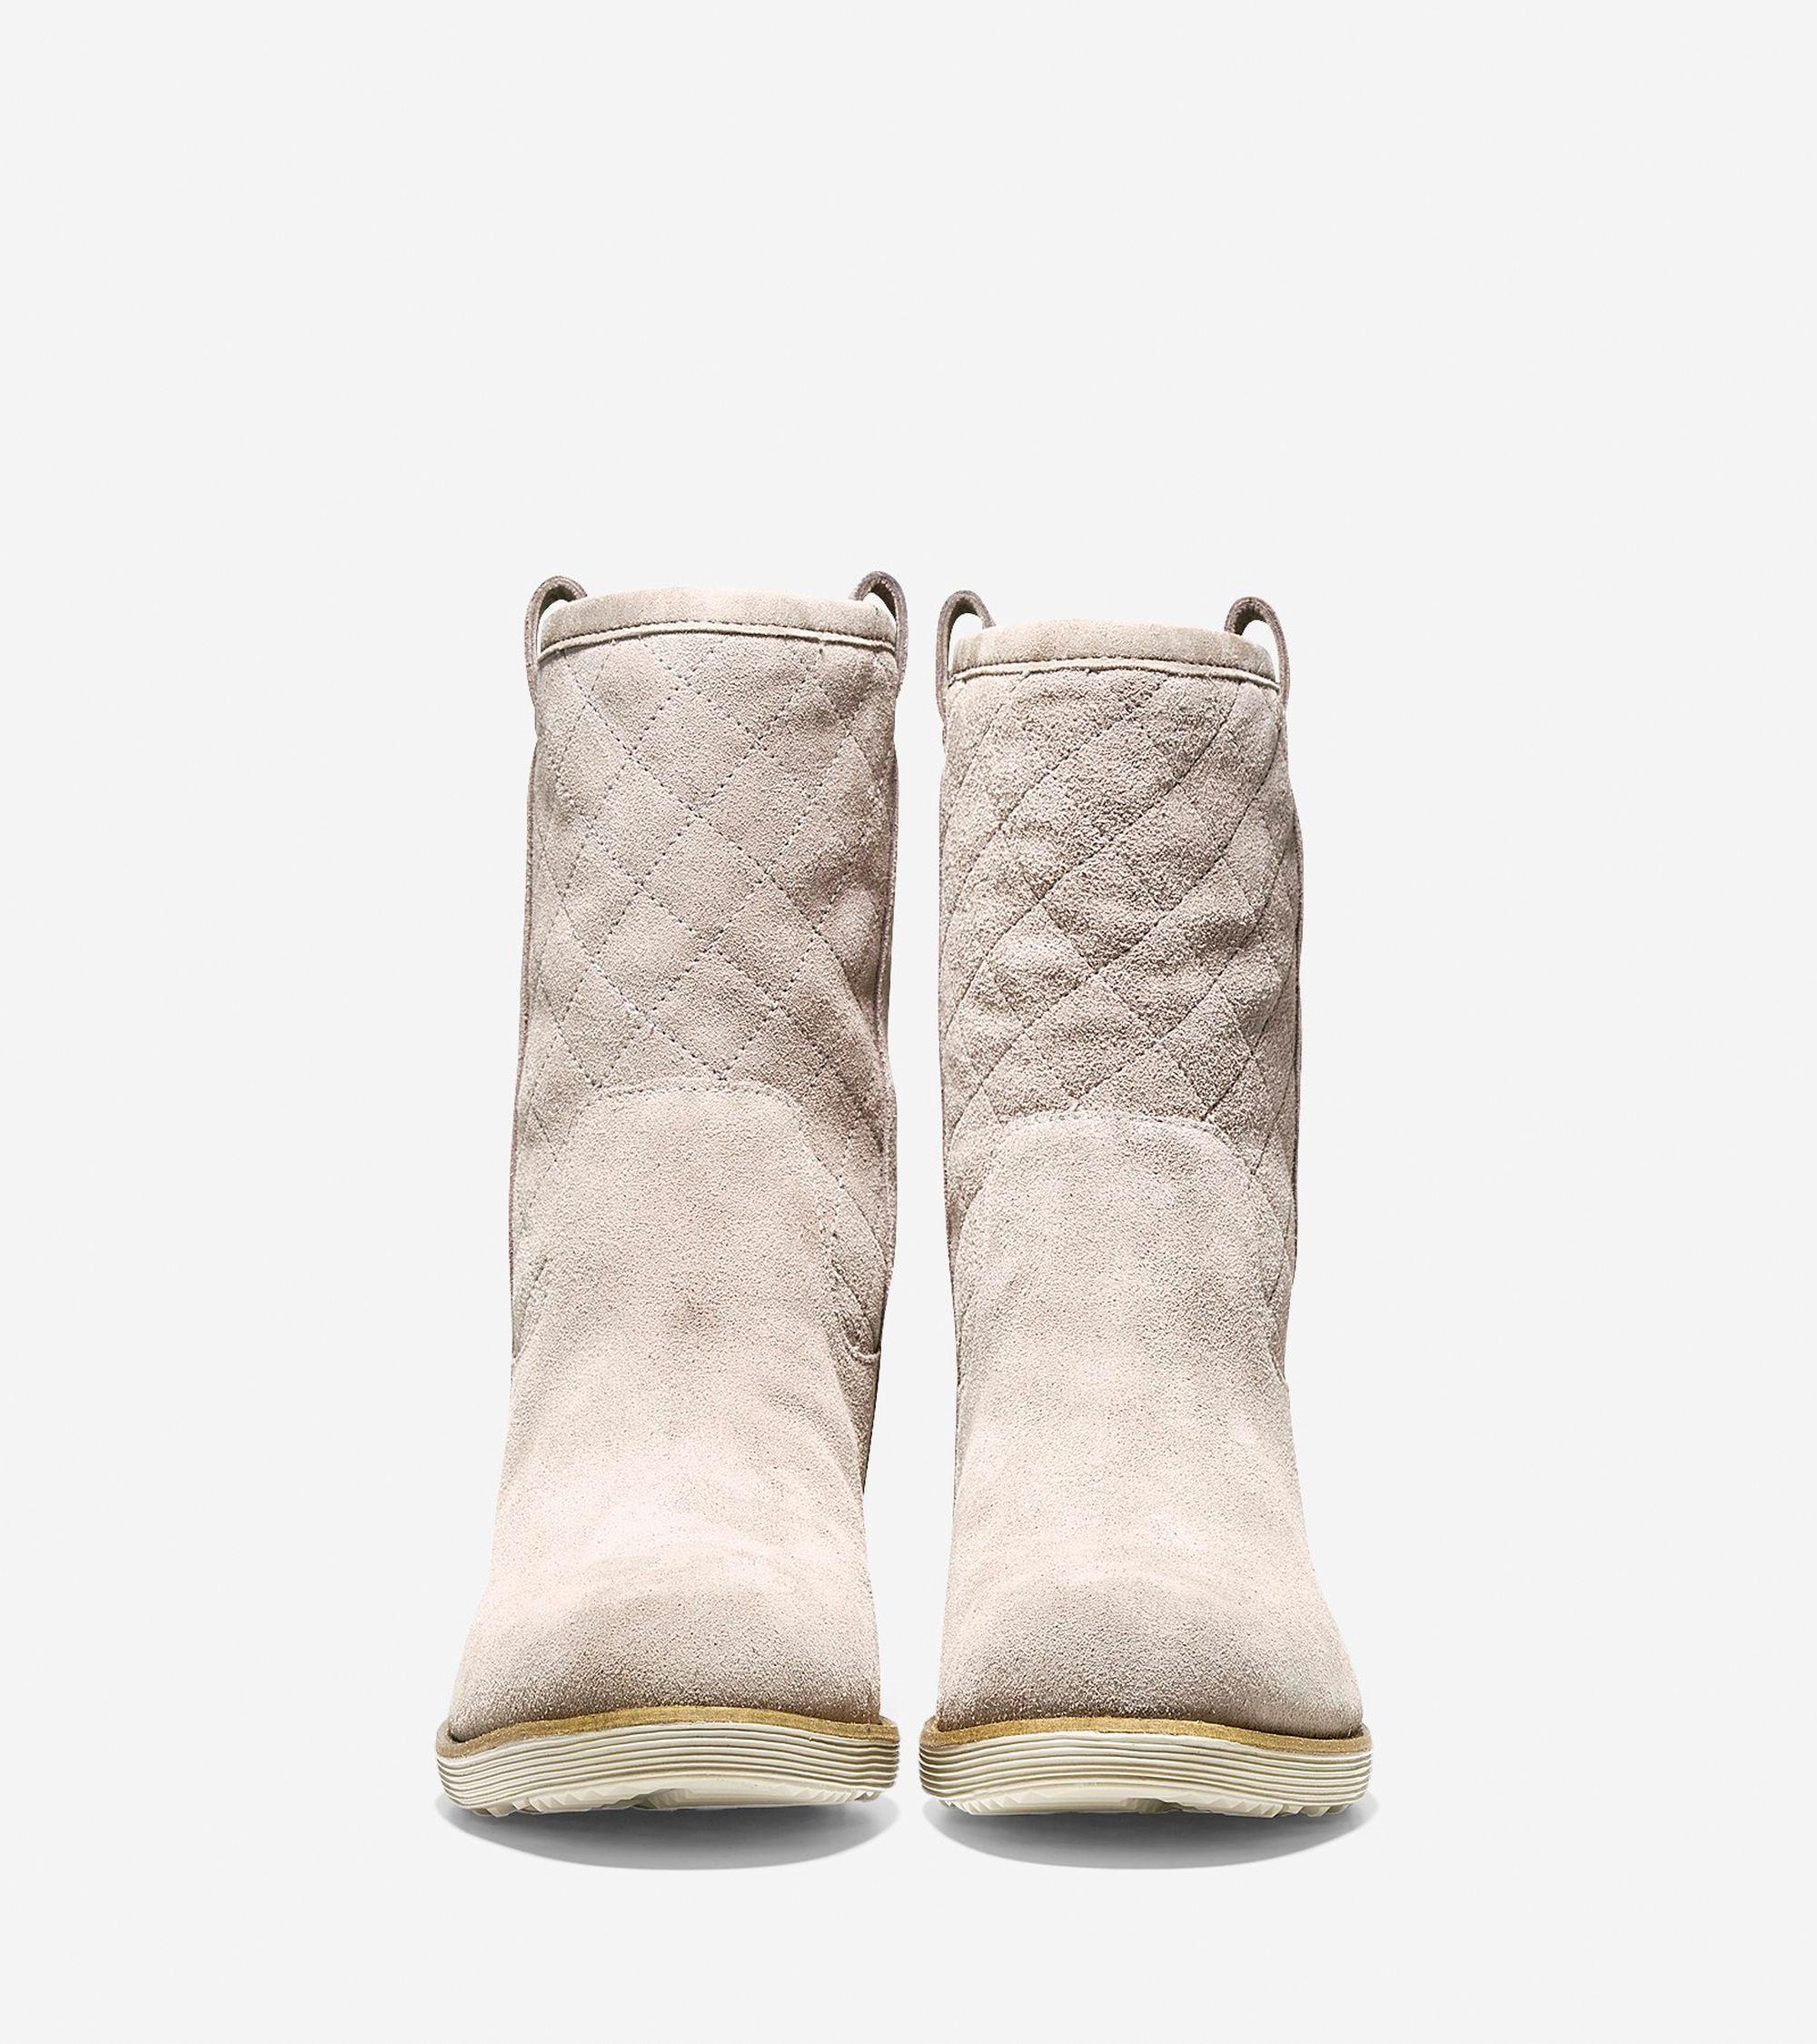 cole haan roper grand waterproof boot in beige driftwood